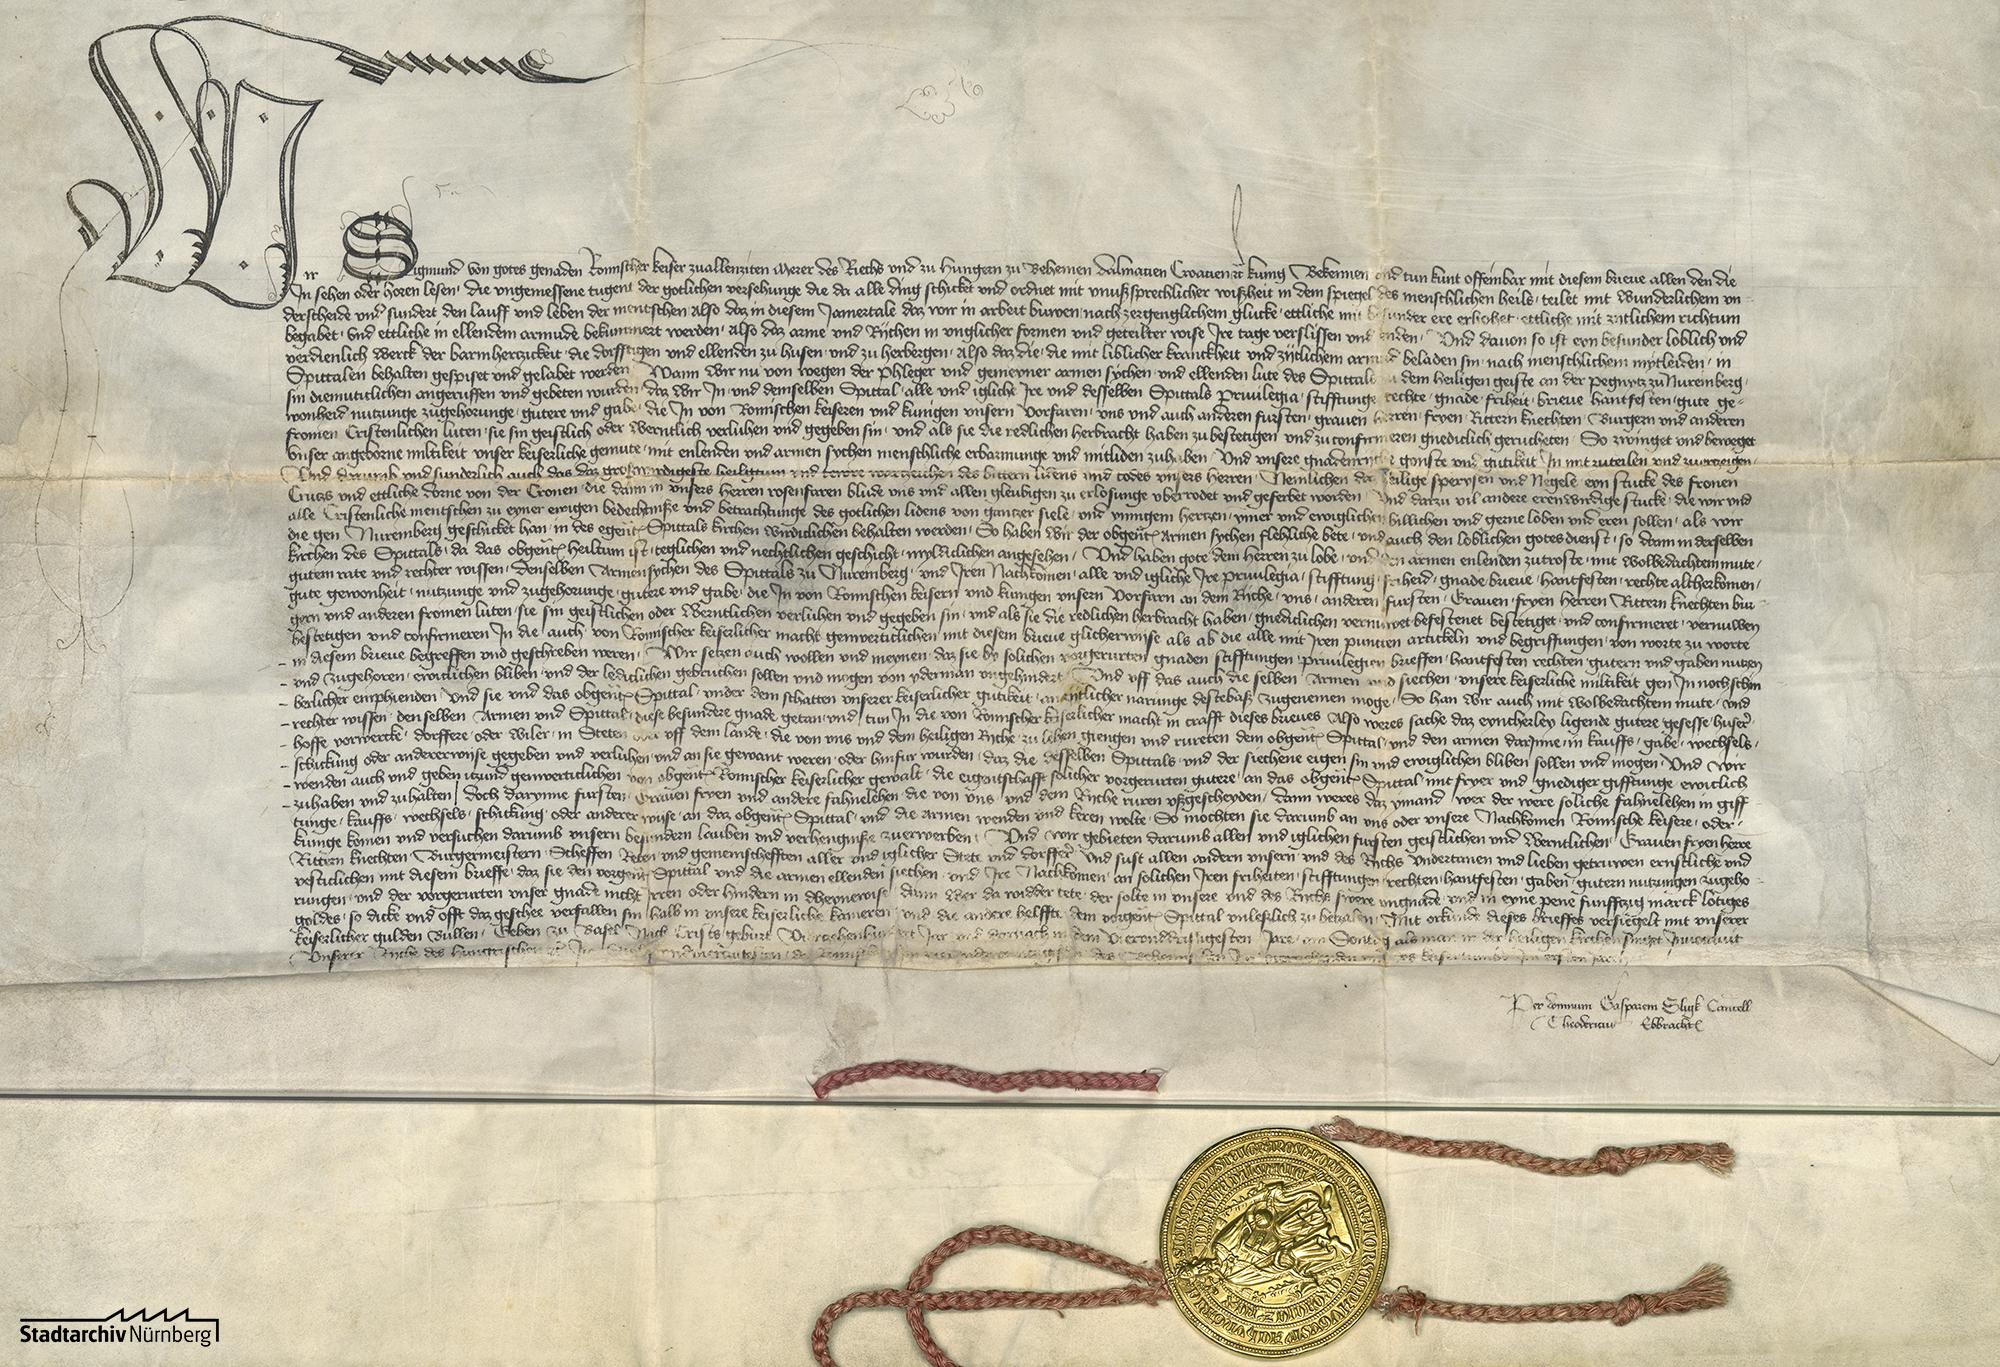 Kaiser Sigmund bestätigt dem Nürnberger Heilig-Geist-Spital alle Privilegien, Stiftungen, Rechte, Gnaden, Freiheiten, Güter und Nutzungen